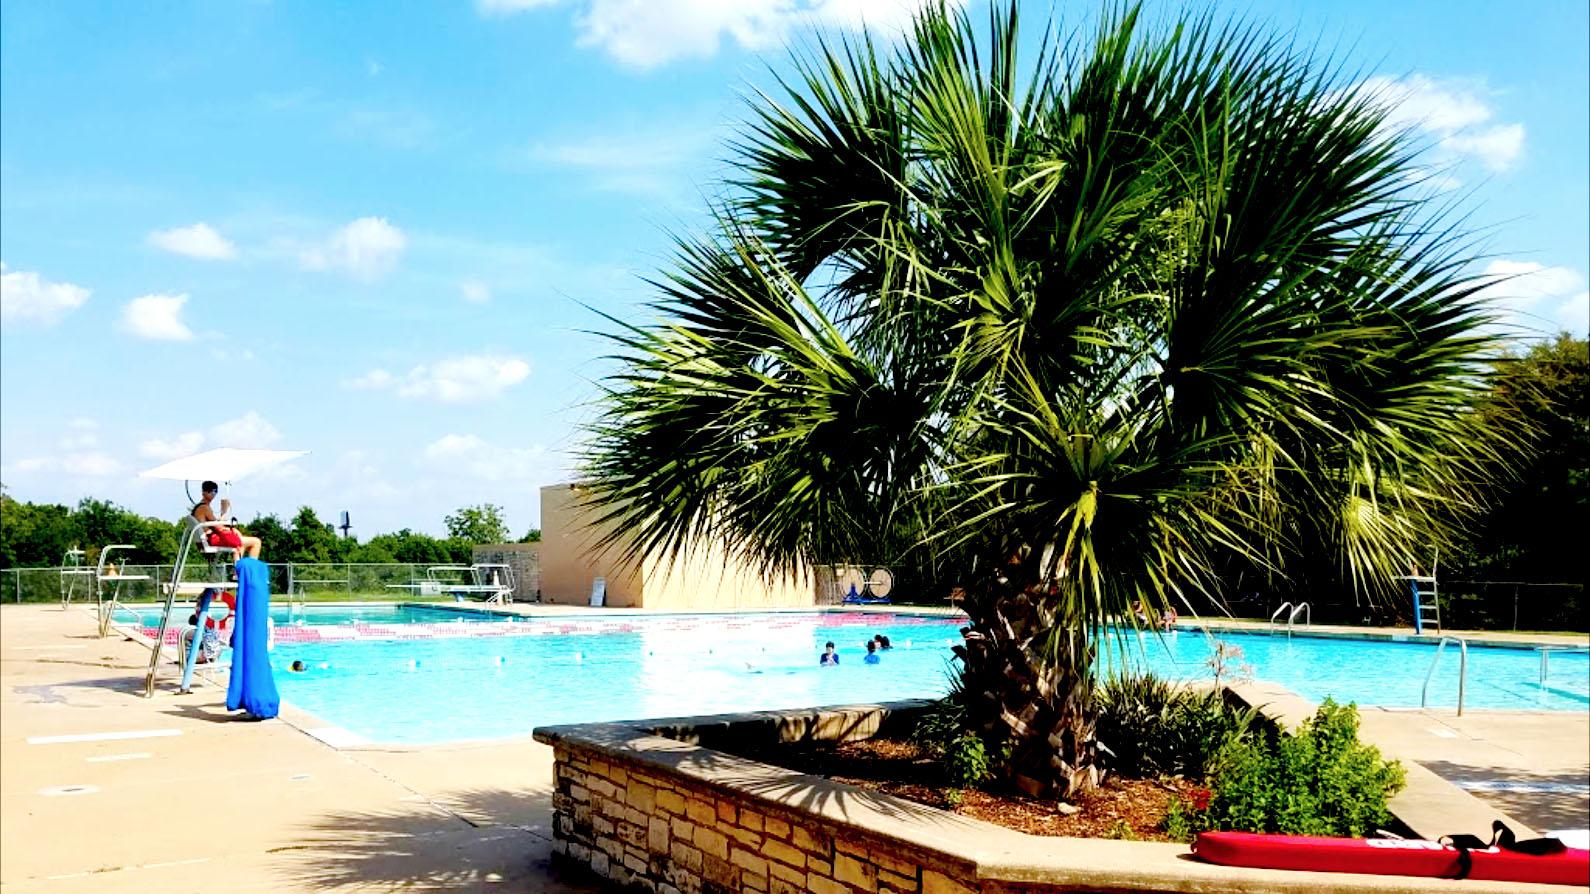 Image of Walnut Creek Municipal Pool